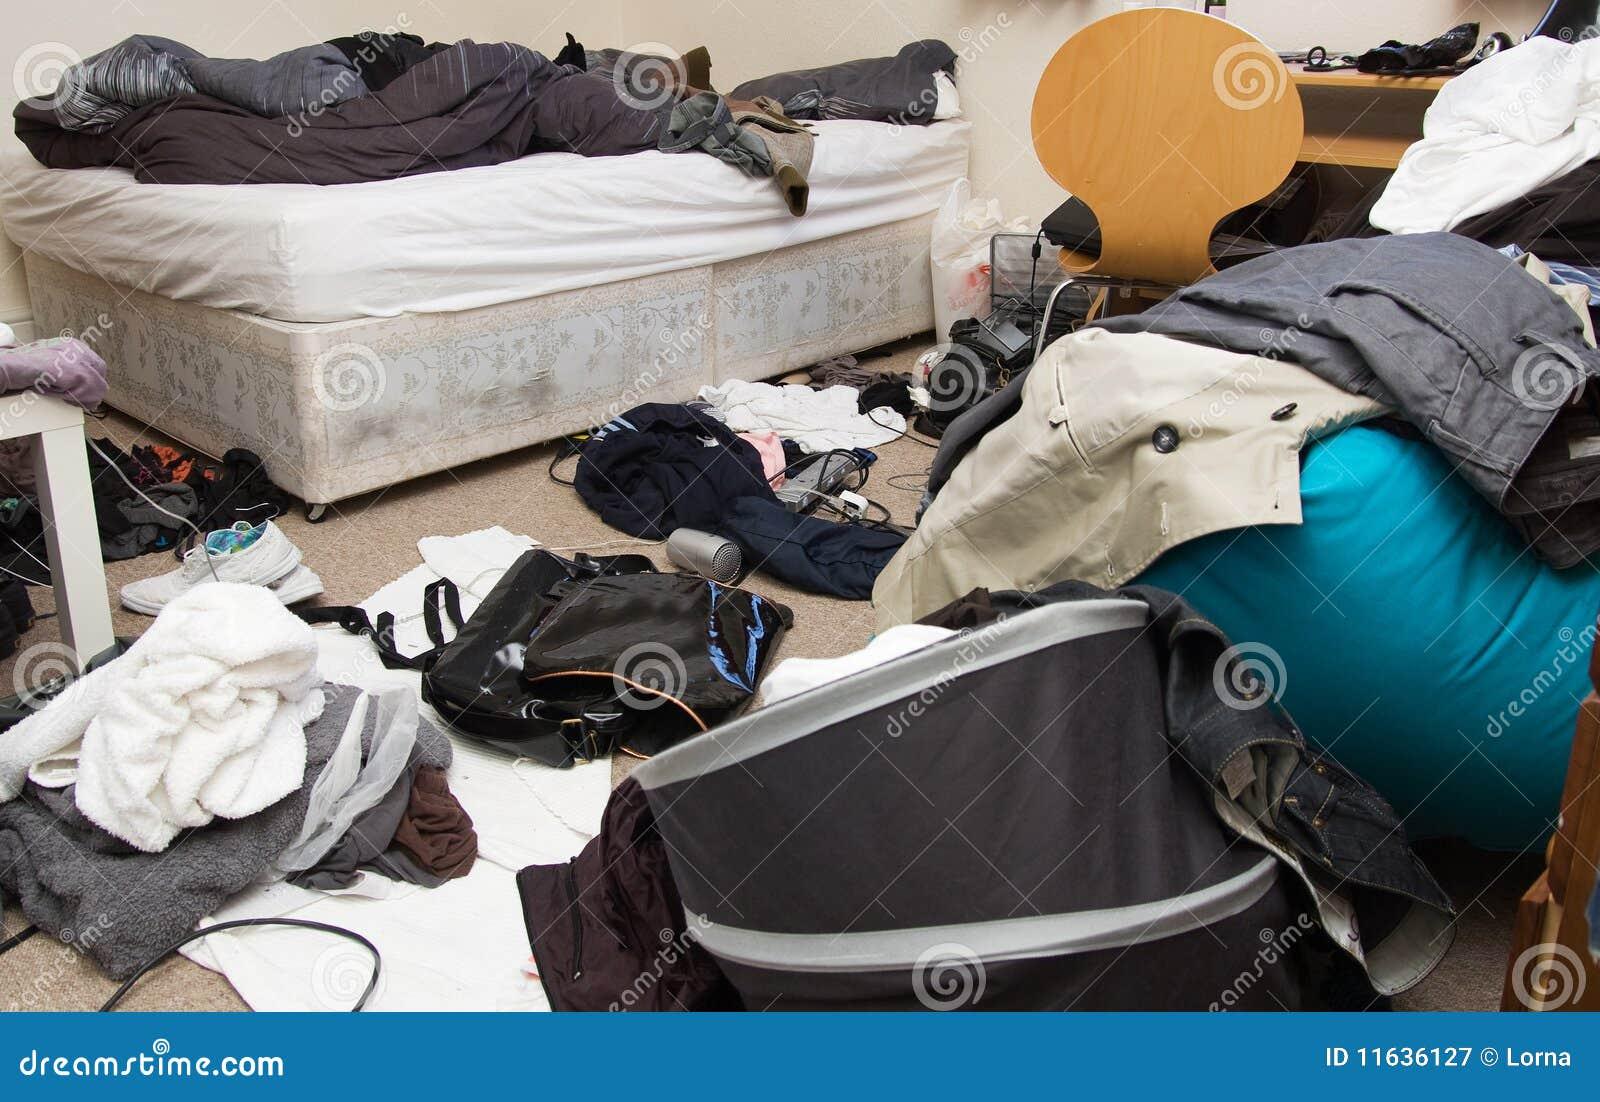 Sitio sucio del dormitorio